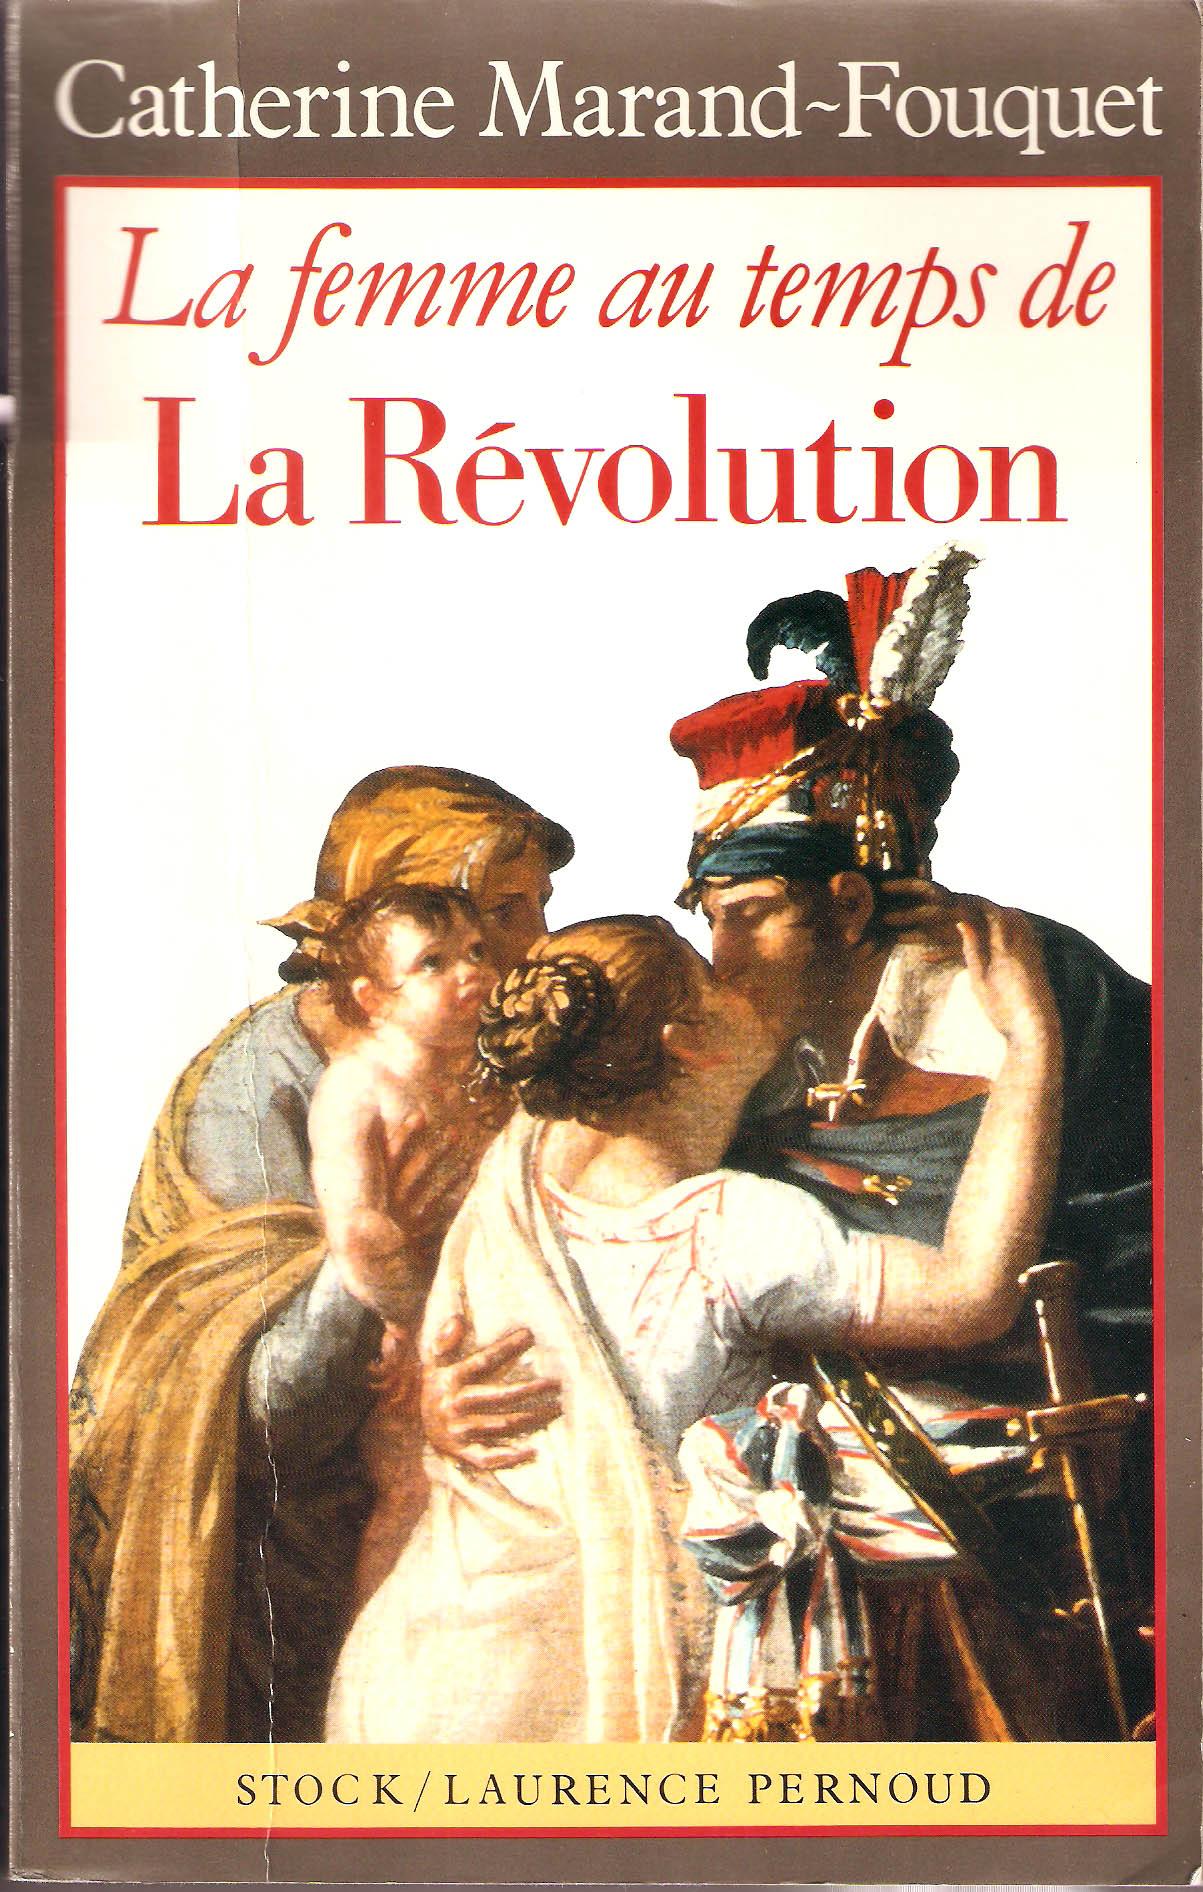 La femme au temps de la Révolution